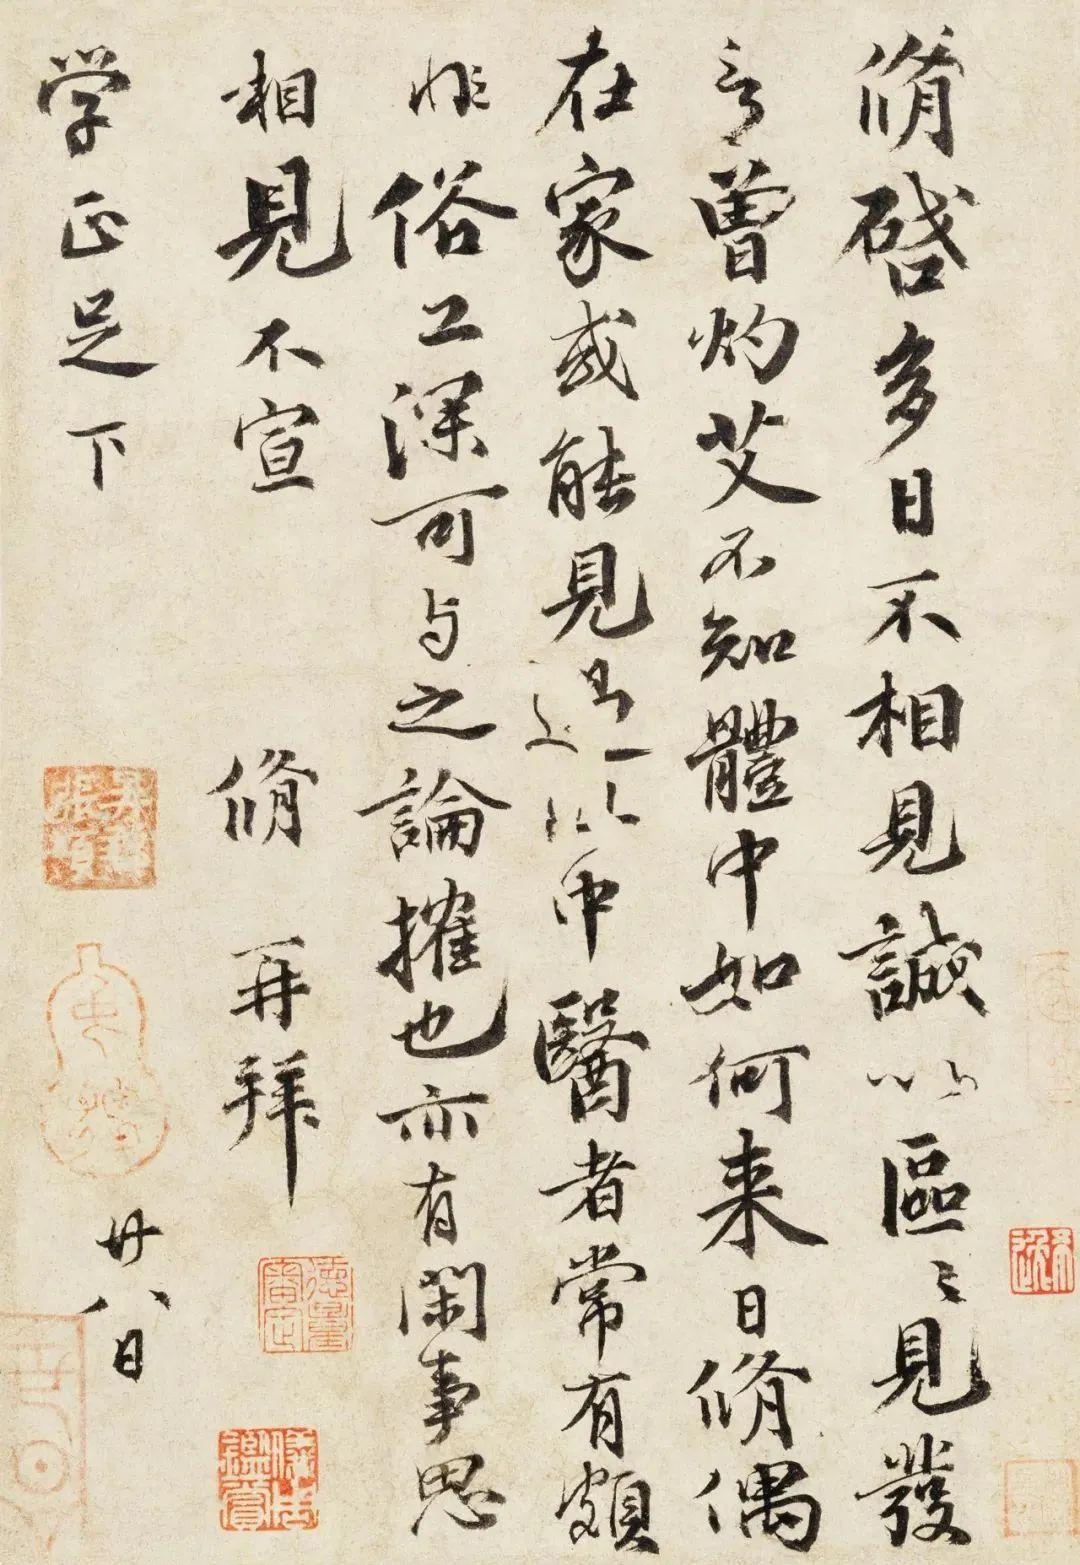 """欧阳修《灼艾帖》,苏轼曾评价欧阳修的书法""""用尖笔作方阔字""""。"""